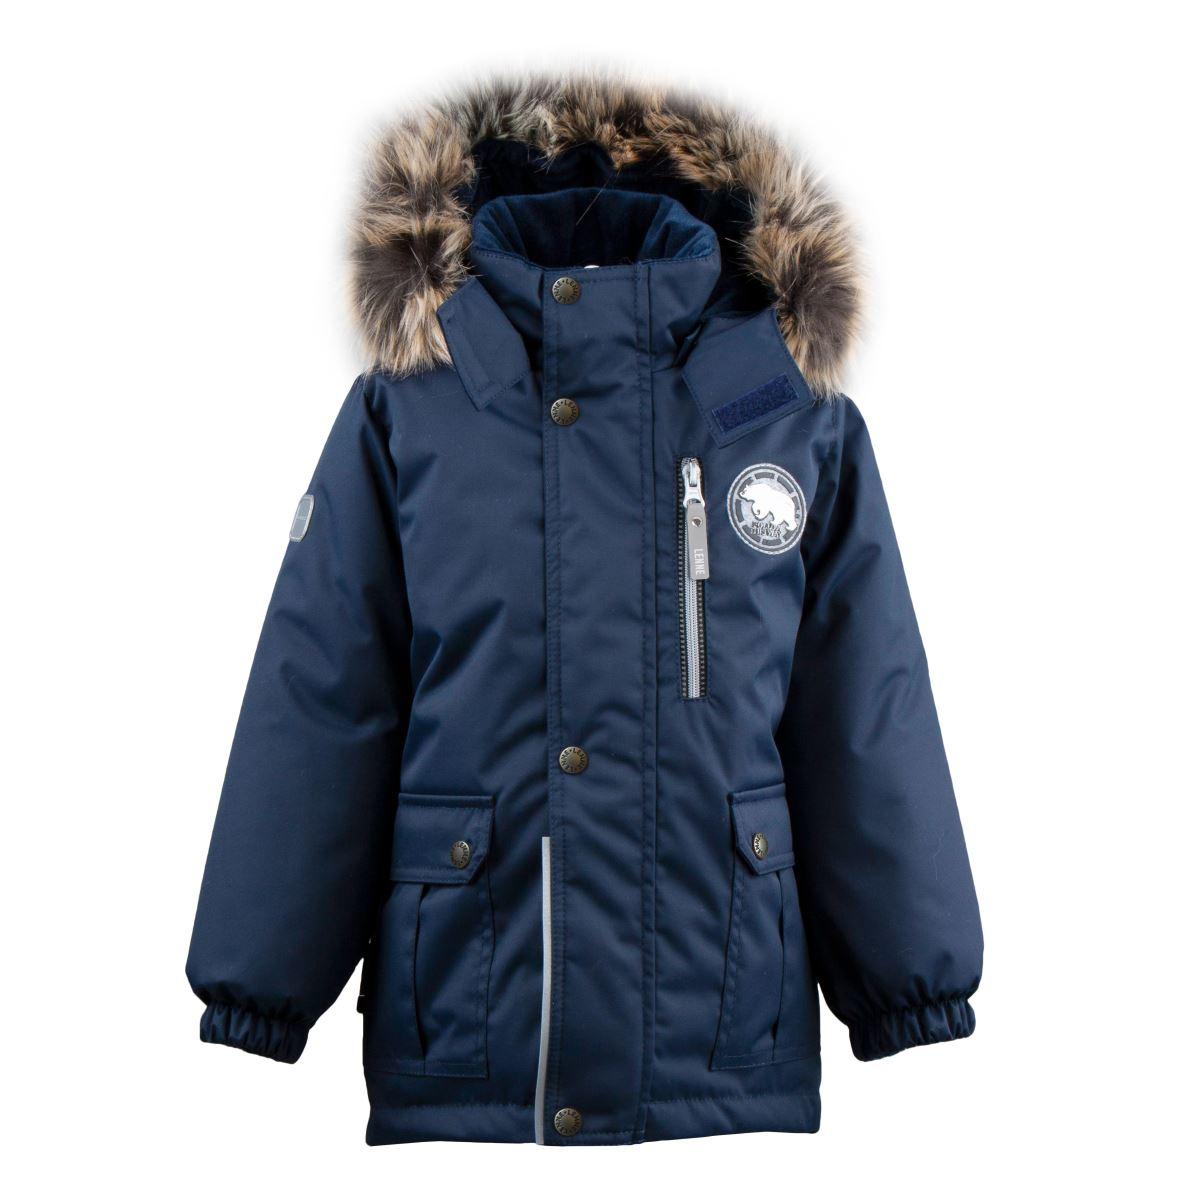 Lenne Snow удлиненная куртка парка для мальчика тёмно-синяя